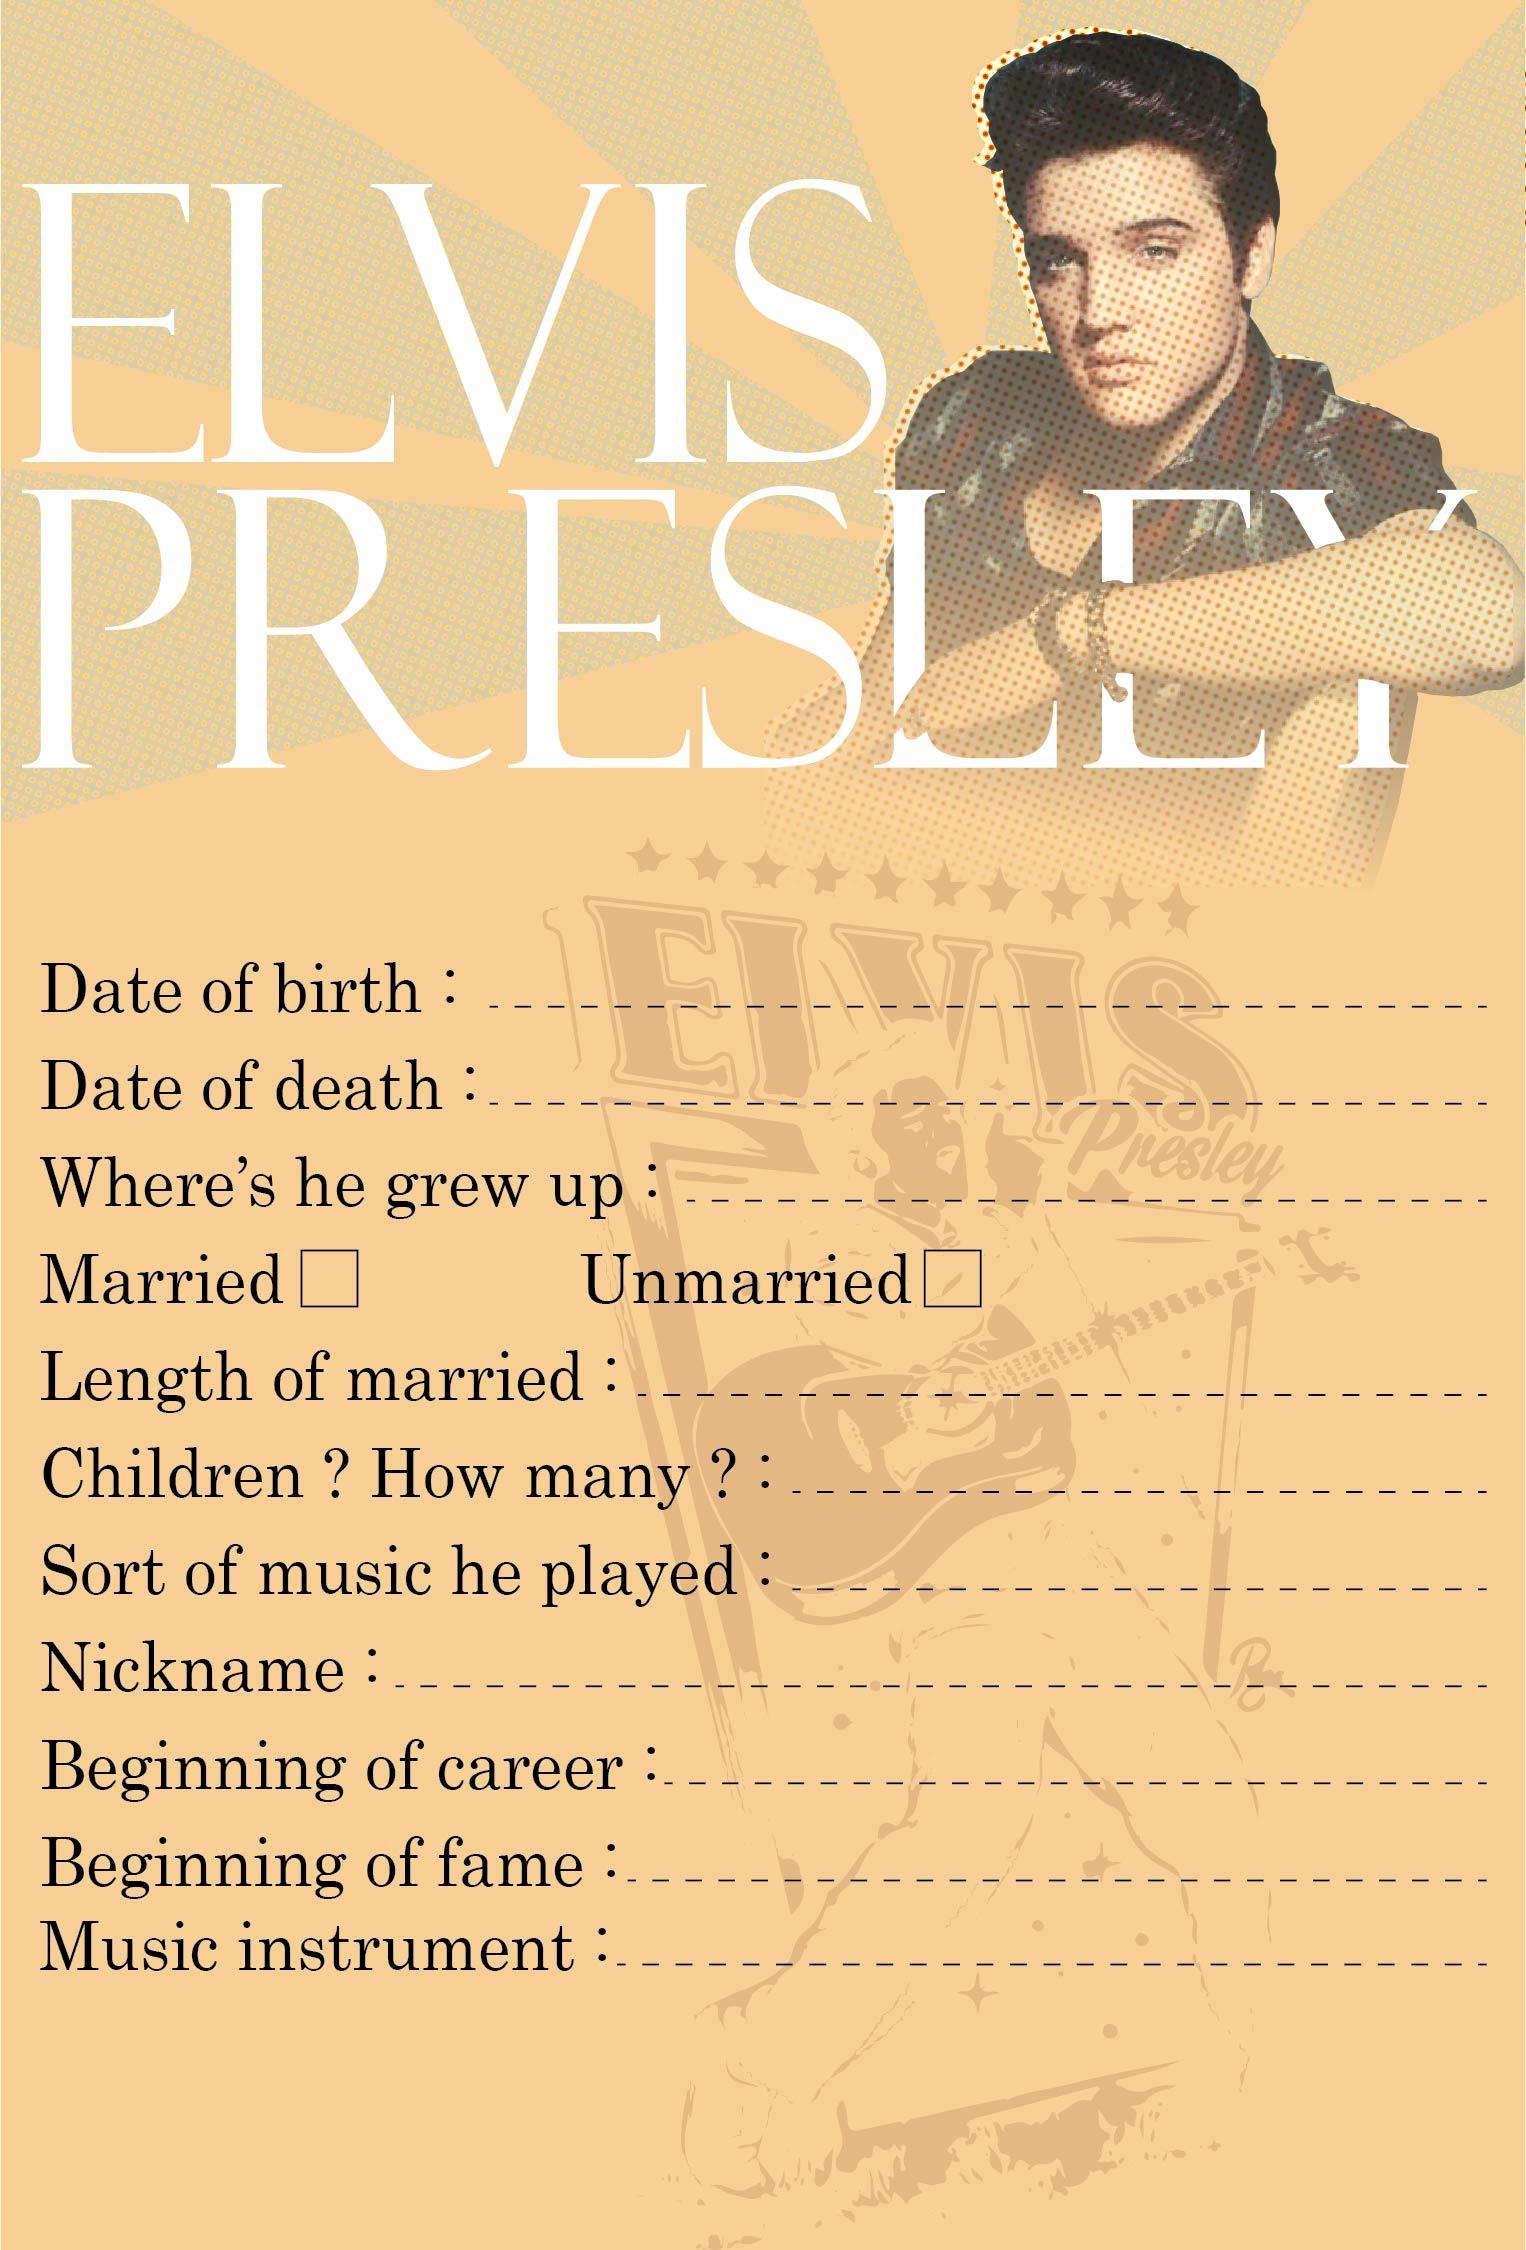 9 Images of Elvis Presley Printable Games